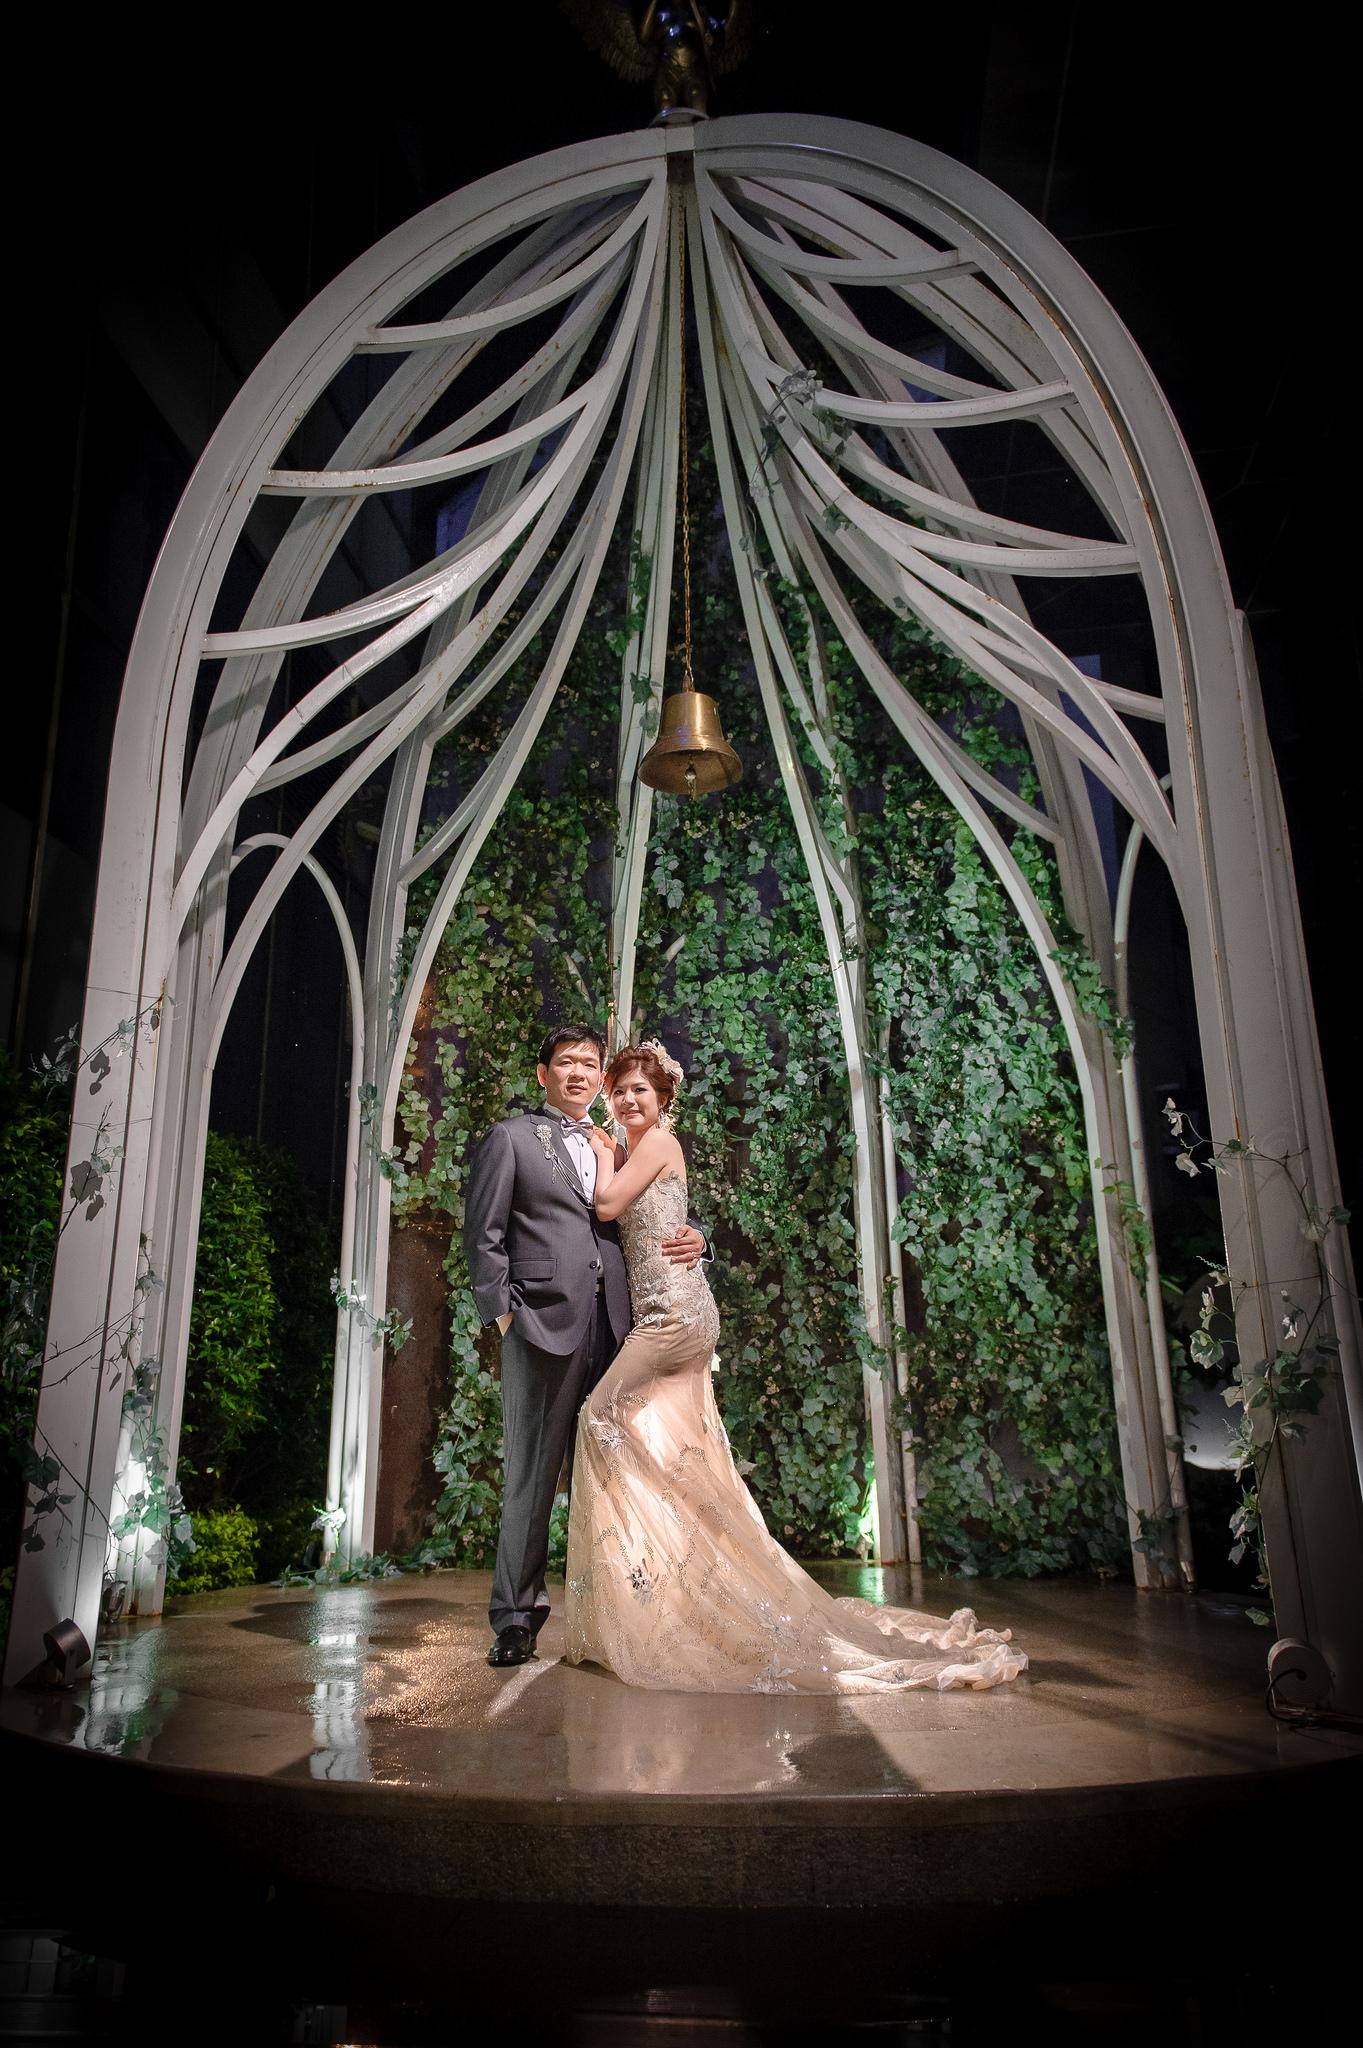 |新竹婚攝| Kevin&Regine 婚禮攝影紀錄| 新竹晶宴會館